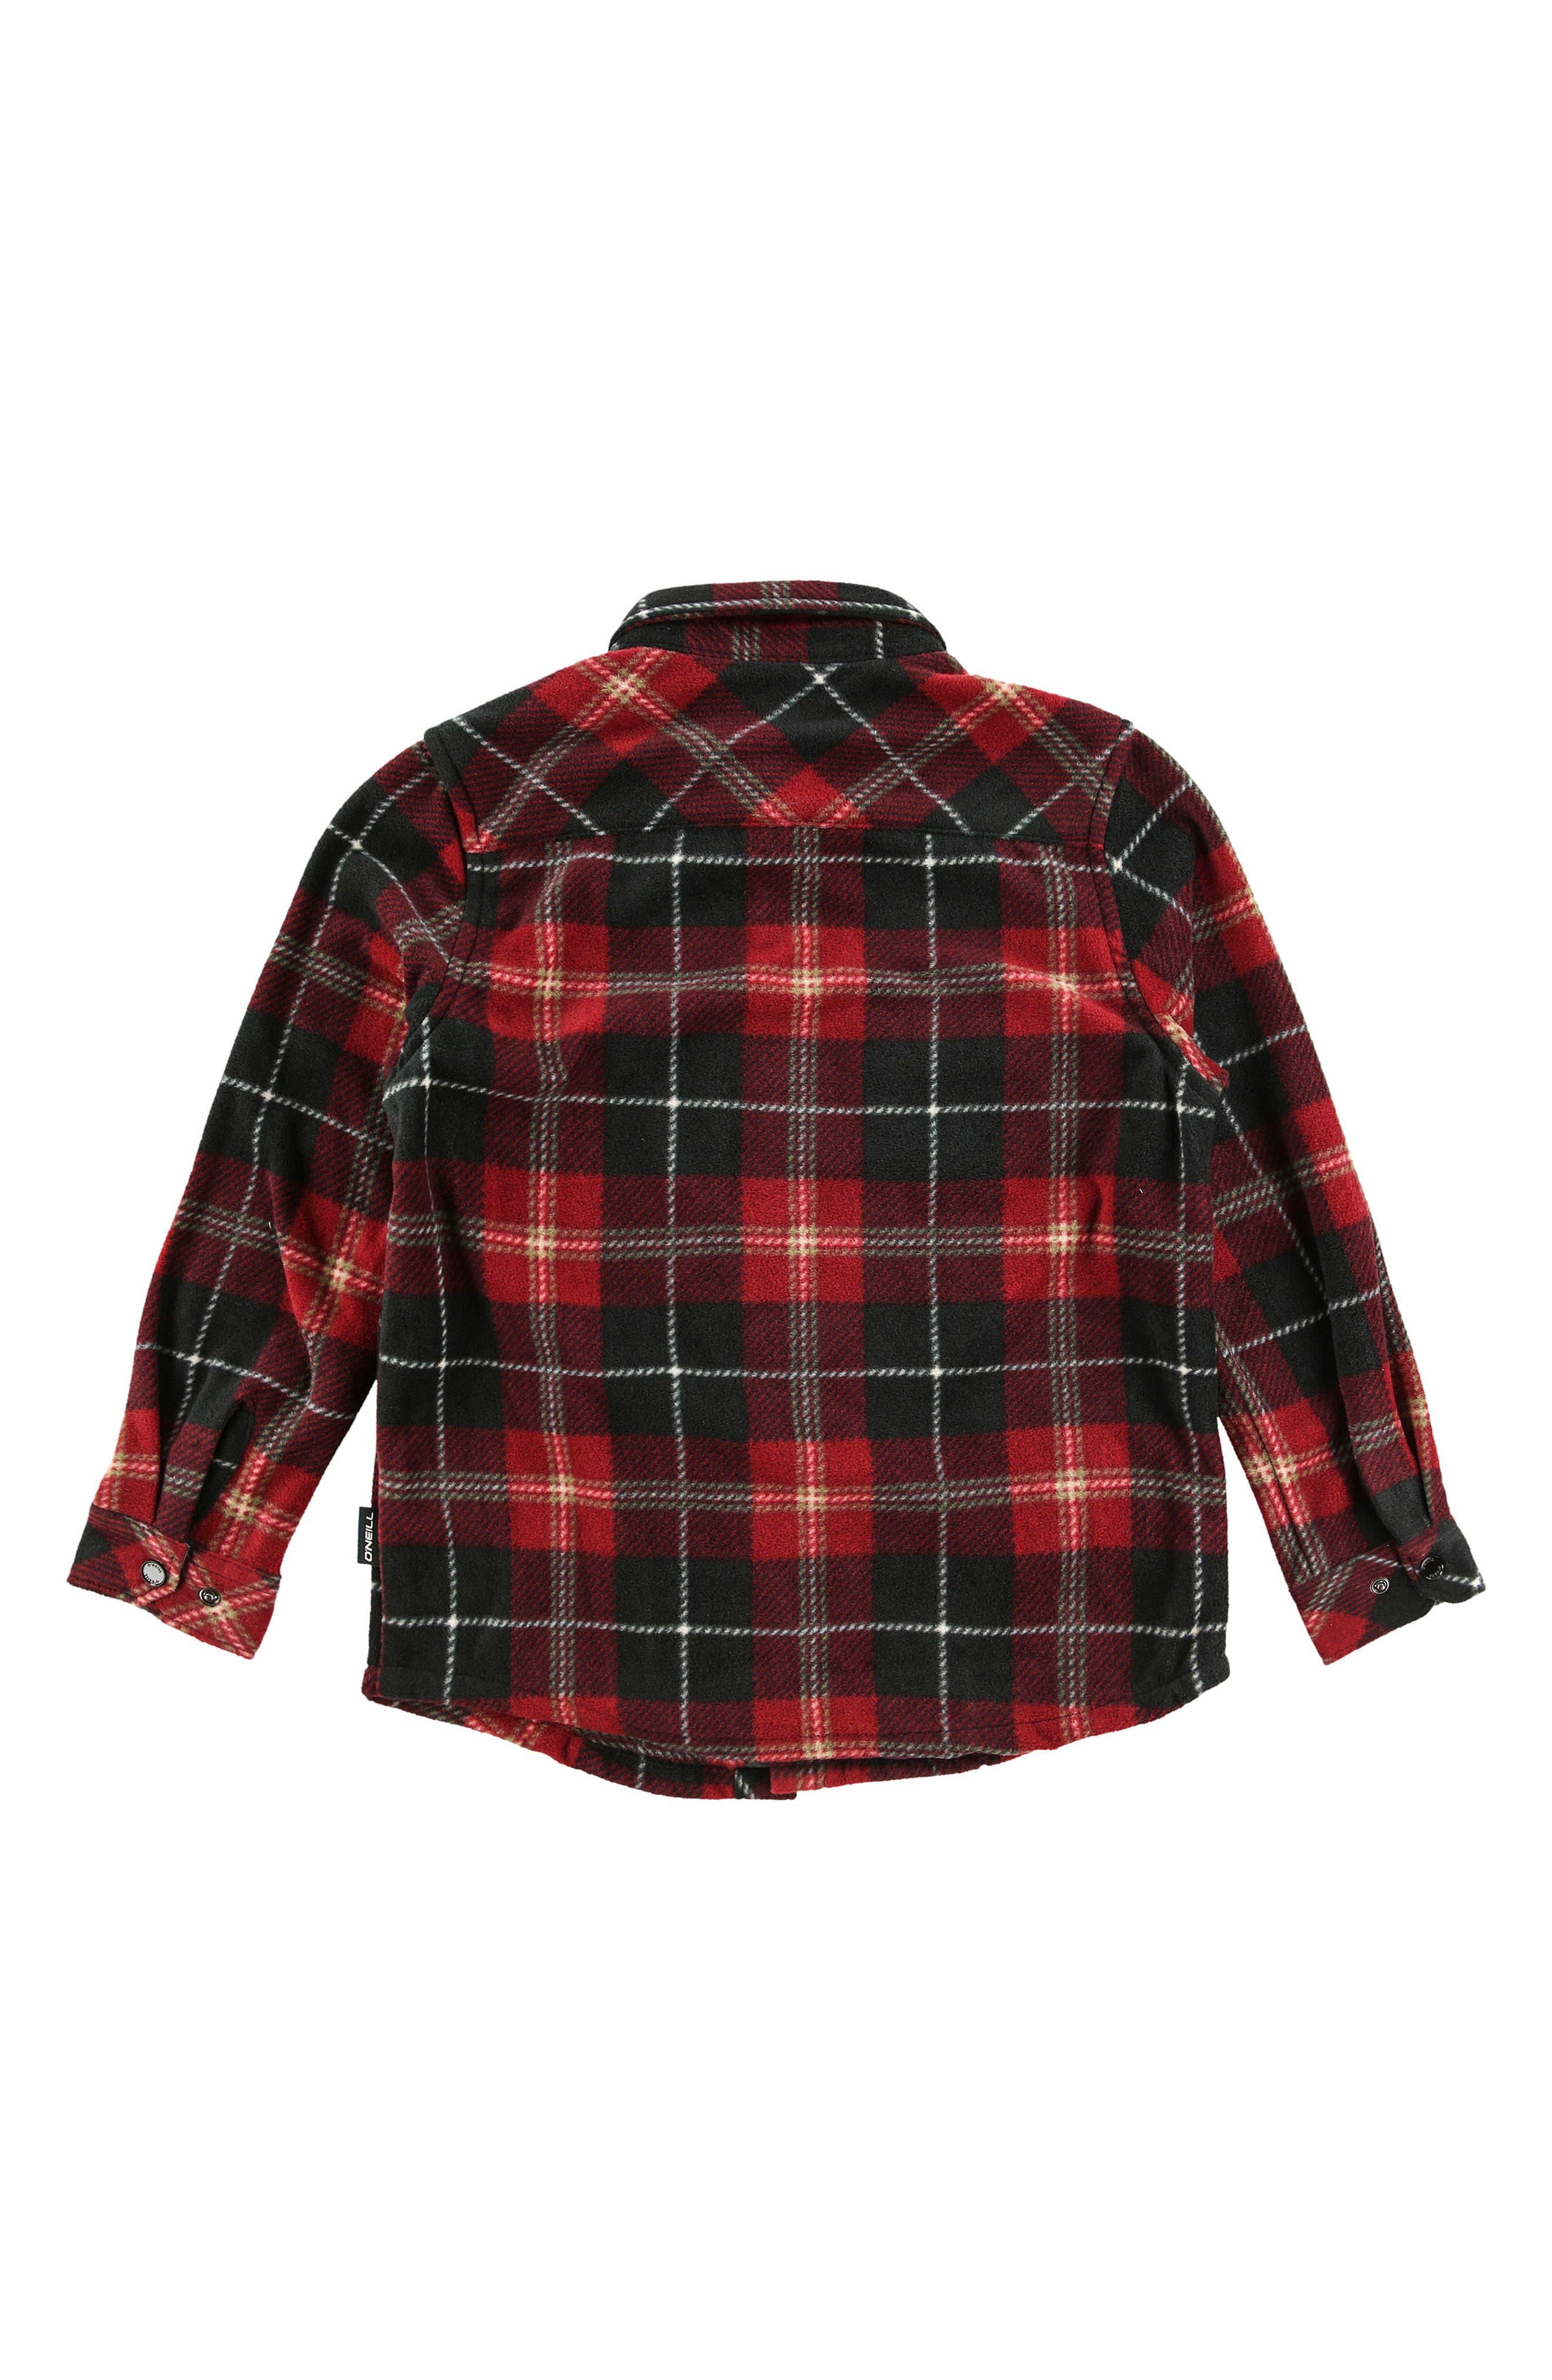 Alternate Image 2  - O'Neill Glacier Plaid Shirt (Toddler Boys)